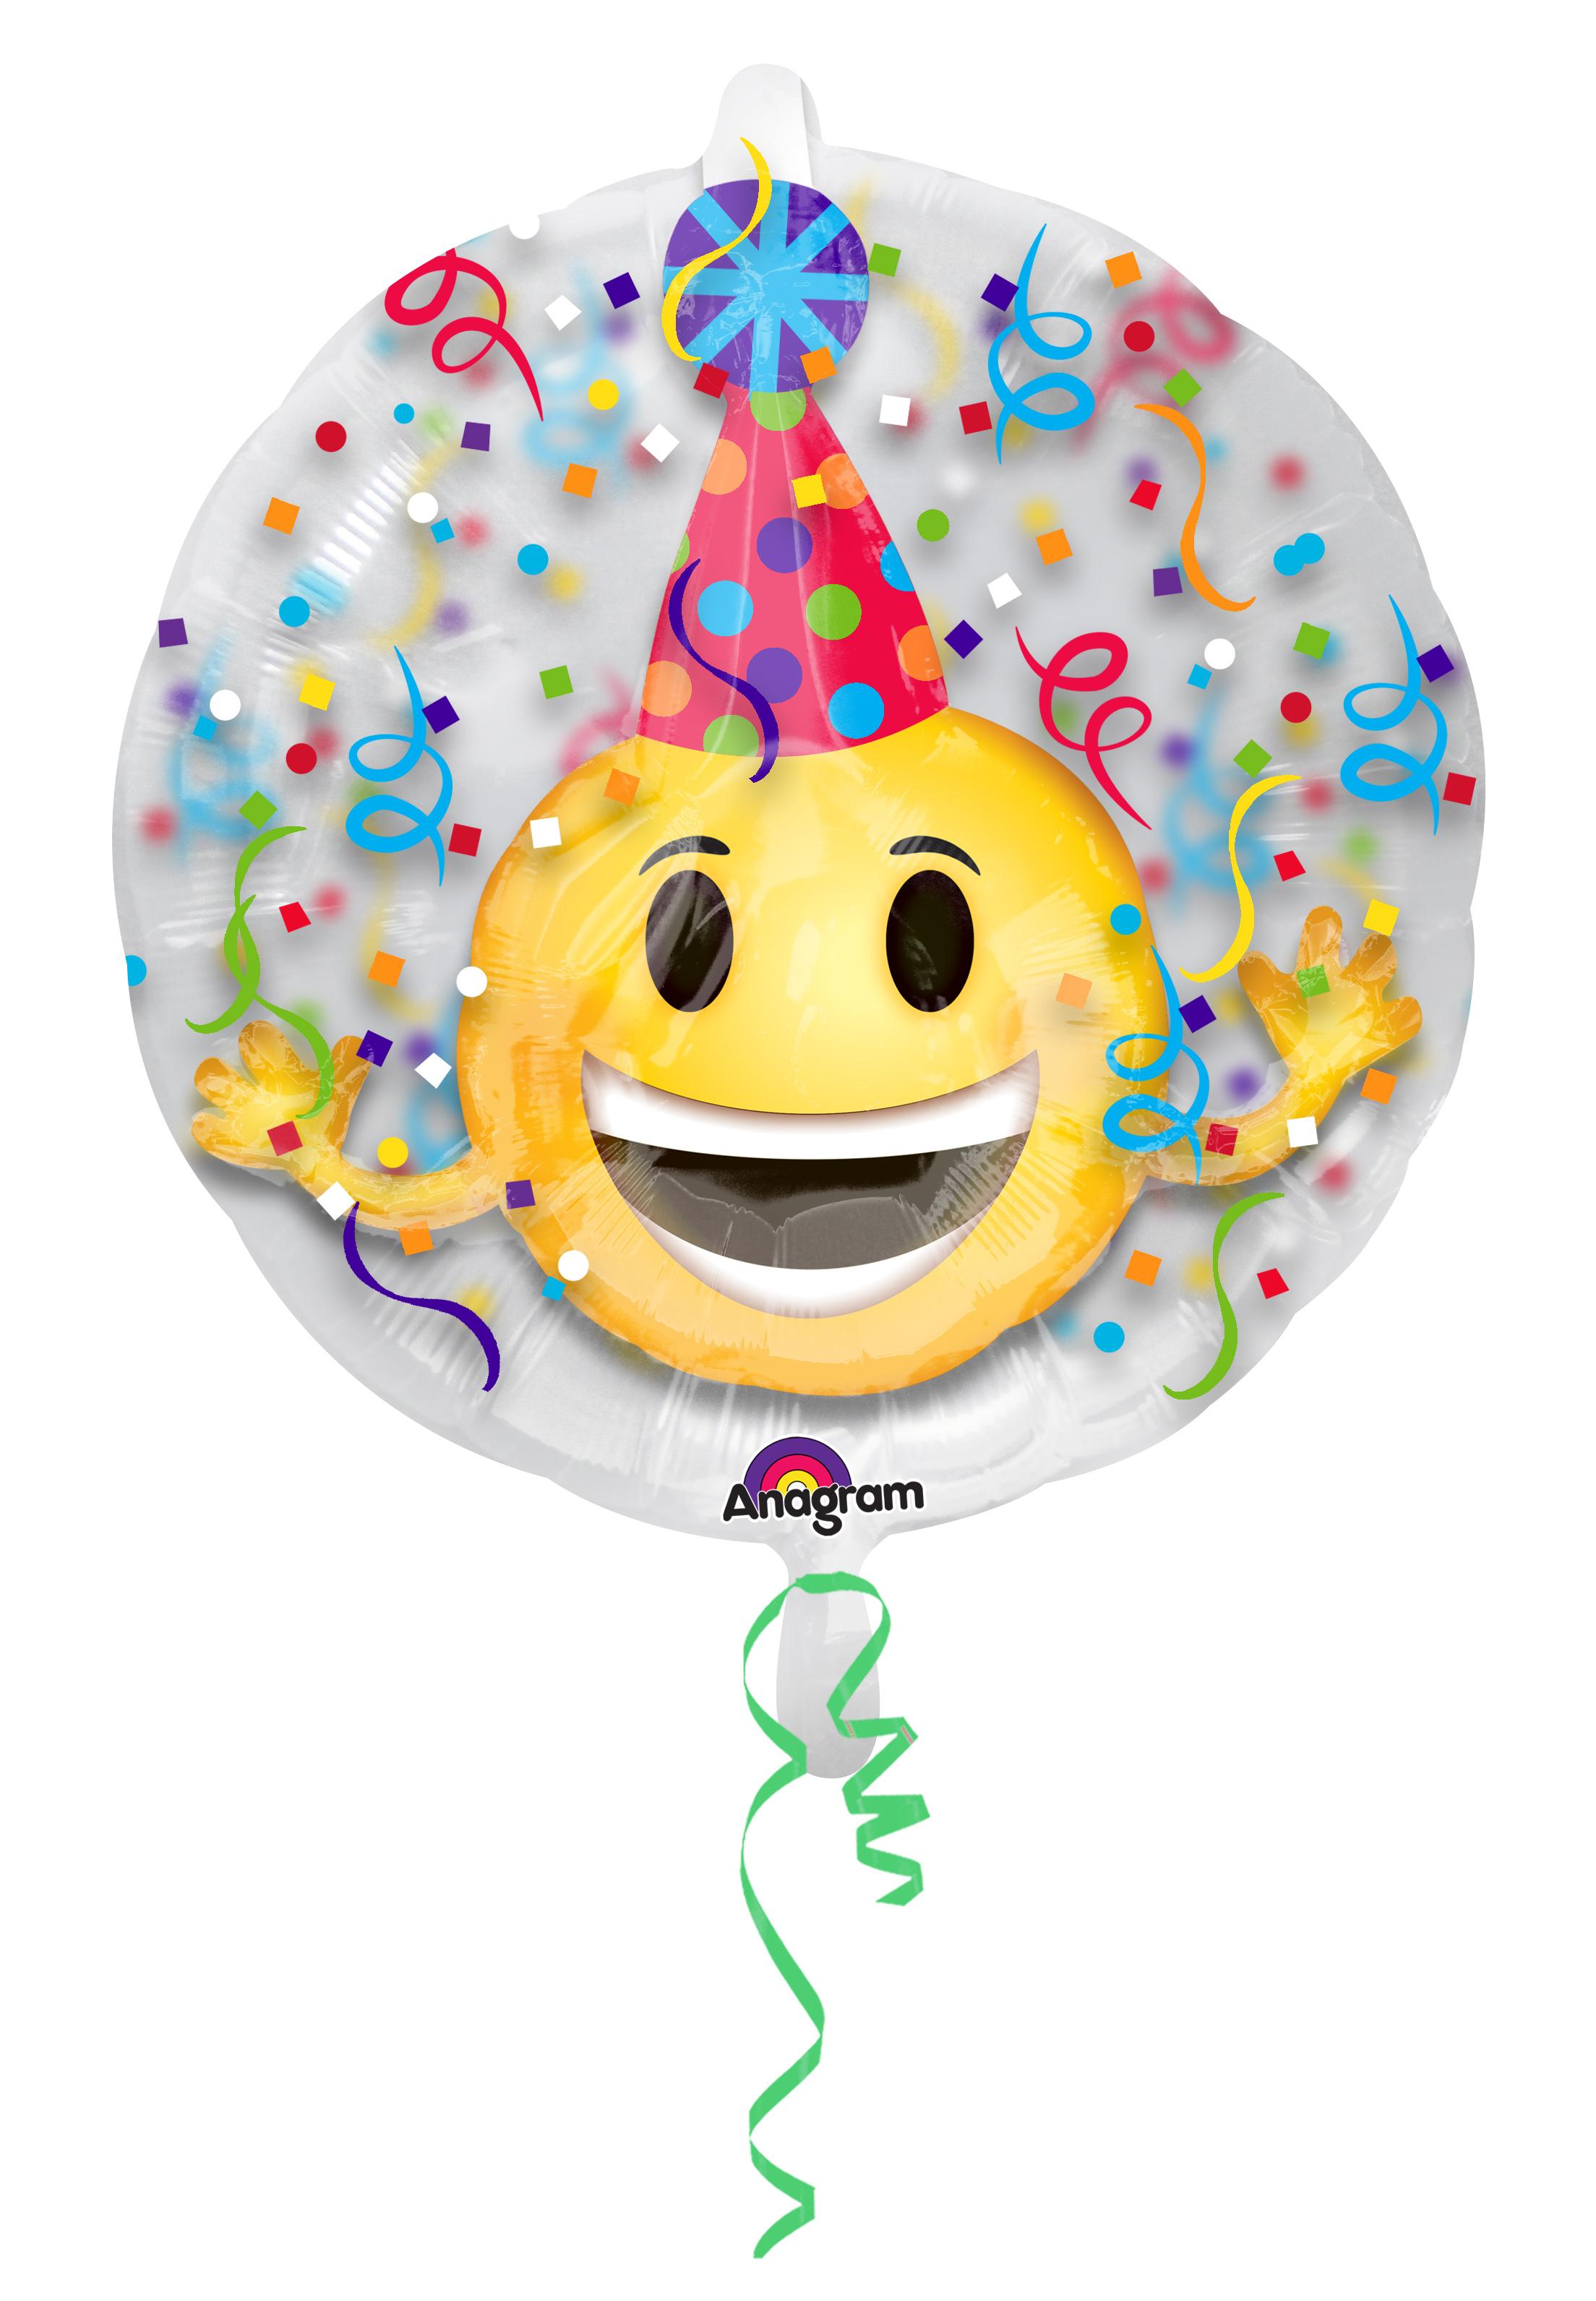 Geburtstagsballon Lachender Smiley Rund Party De